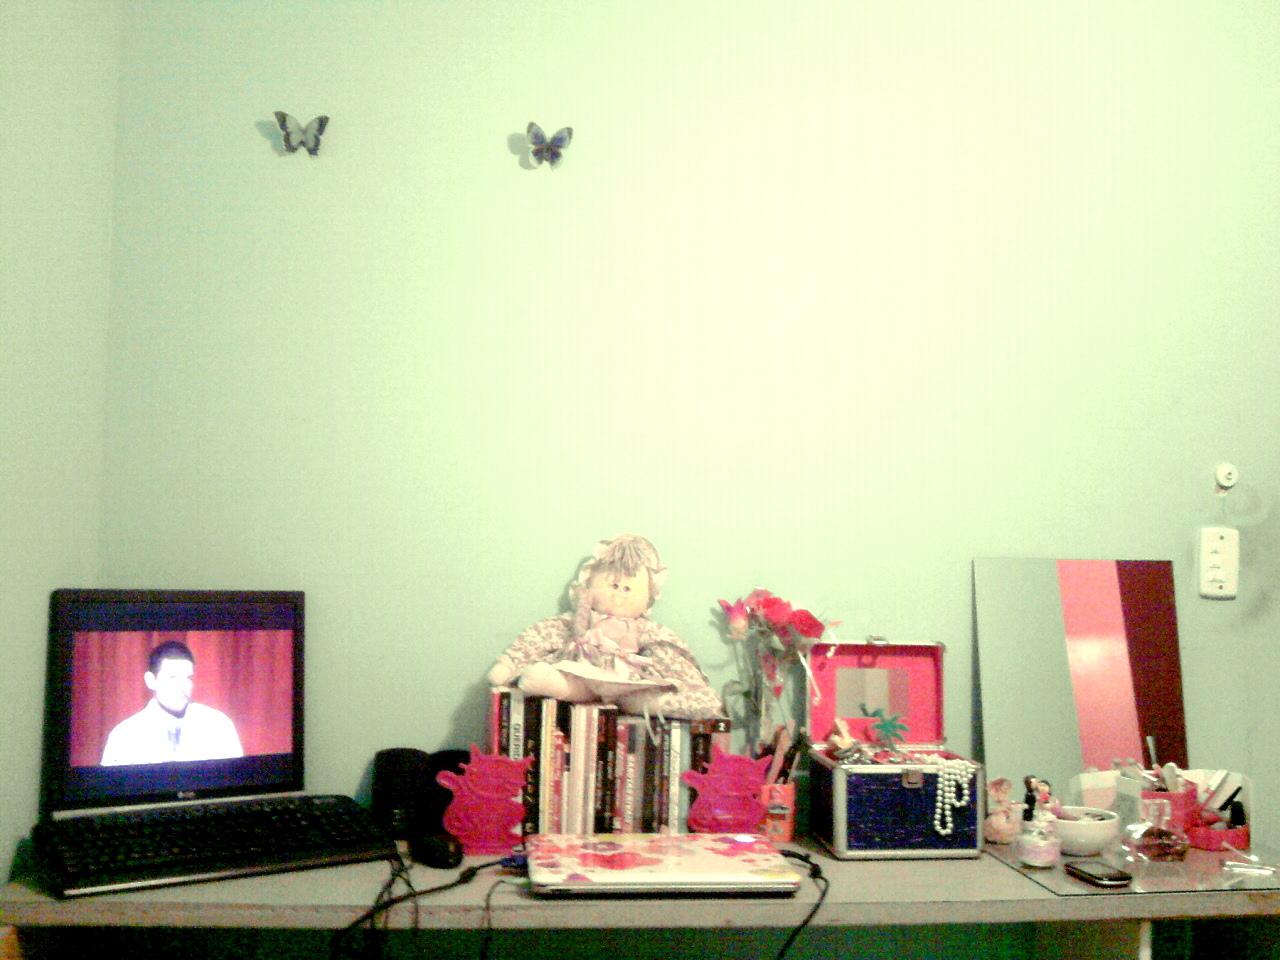 Faça a bancada do seu quarto você mesma! The Pally Por Paloma  #7FA526 1280x960